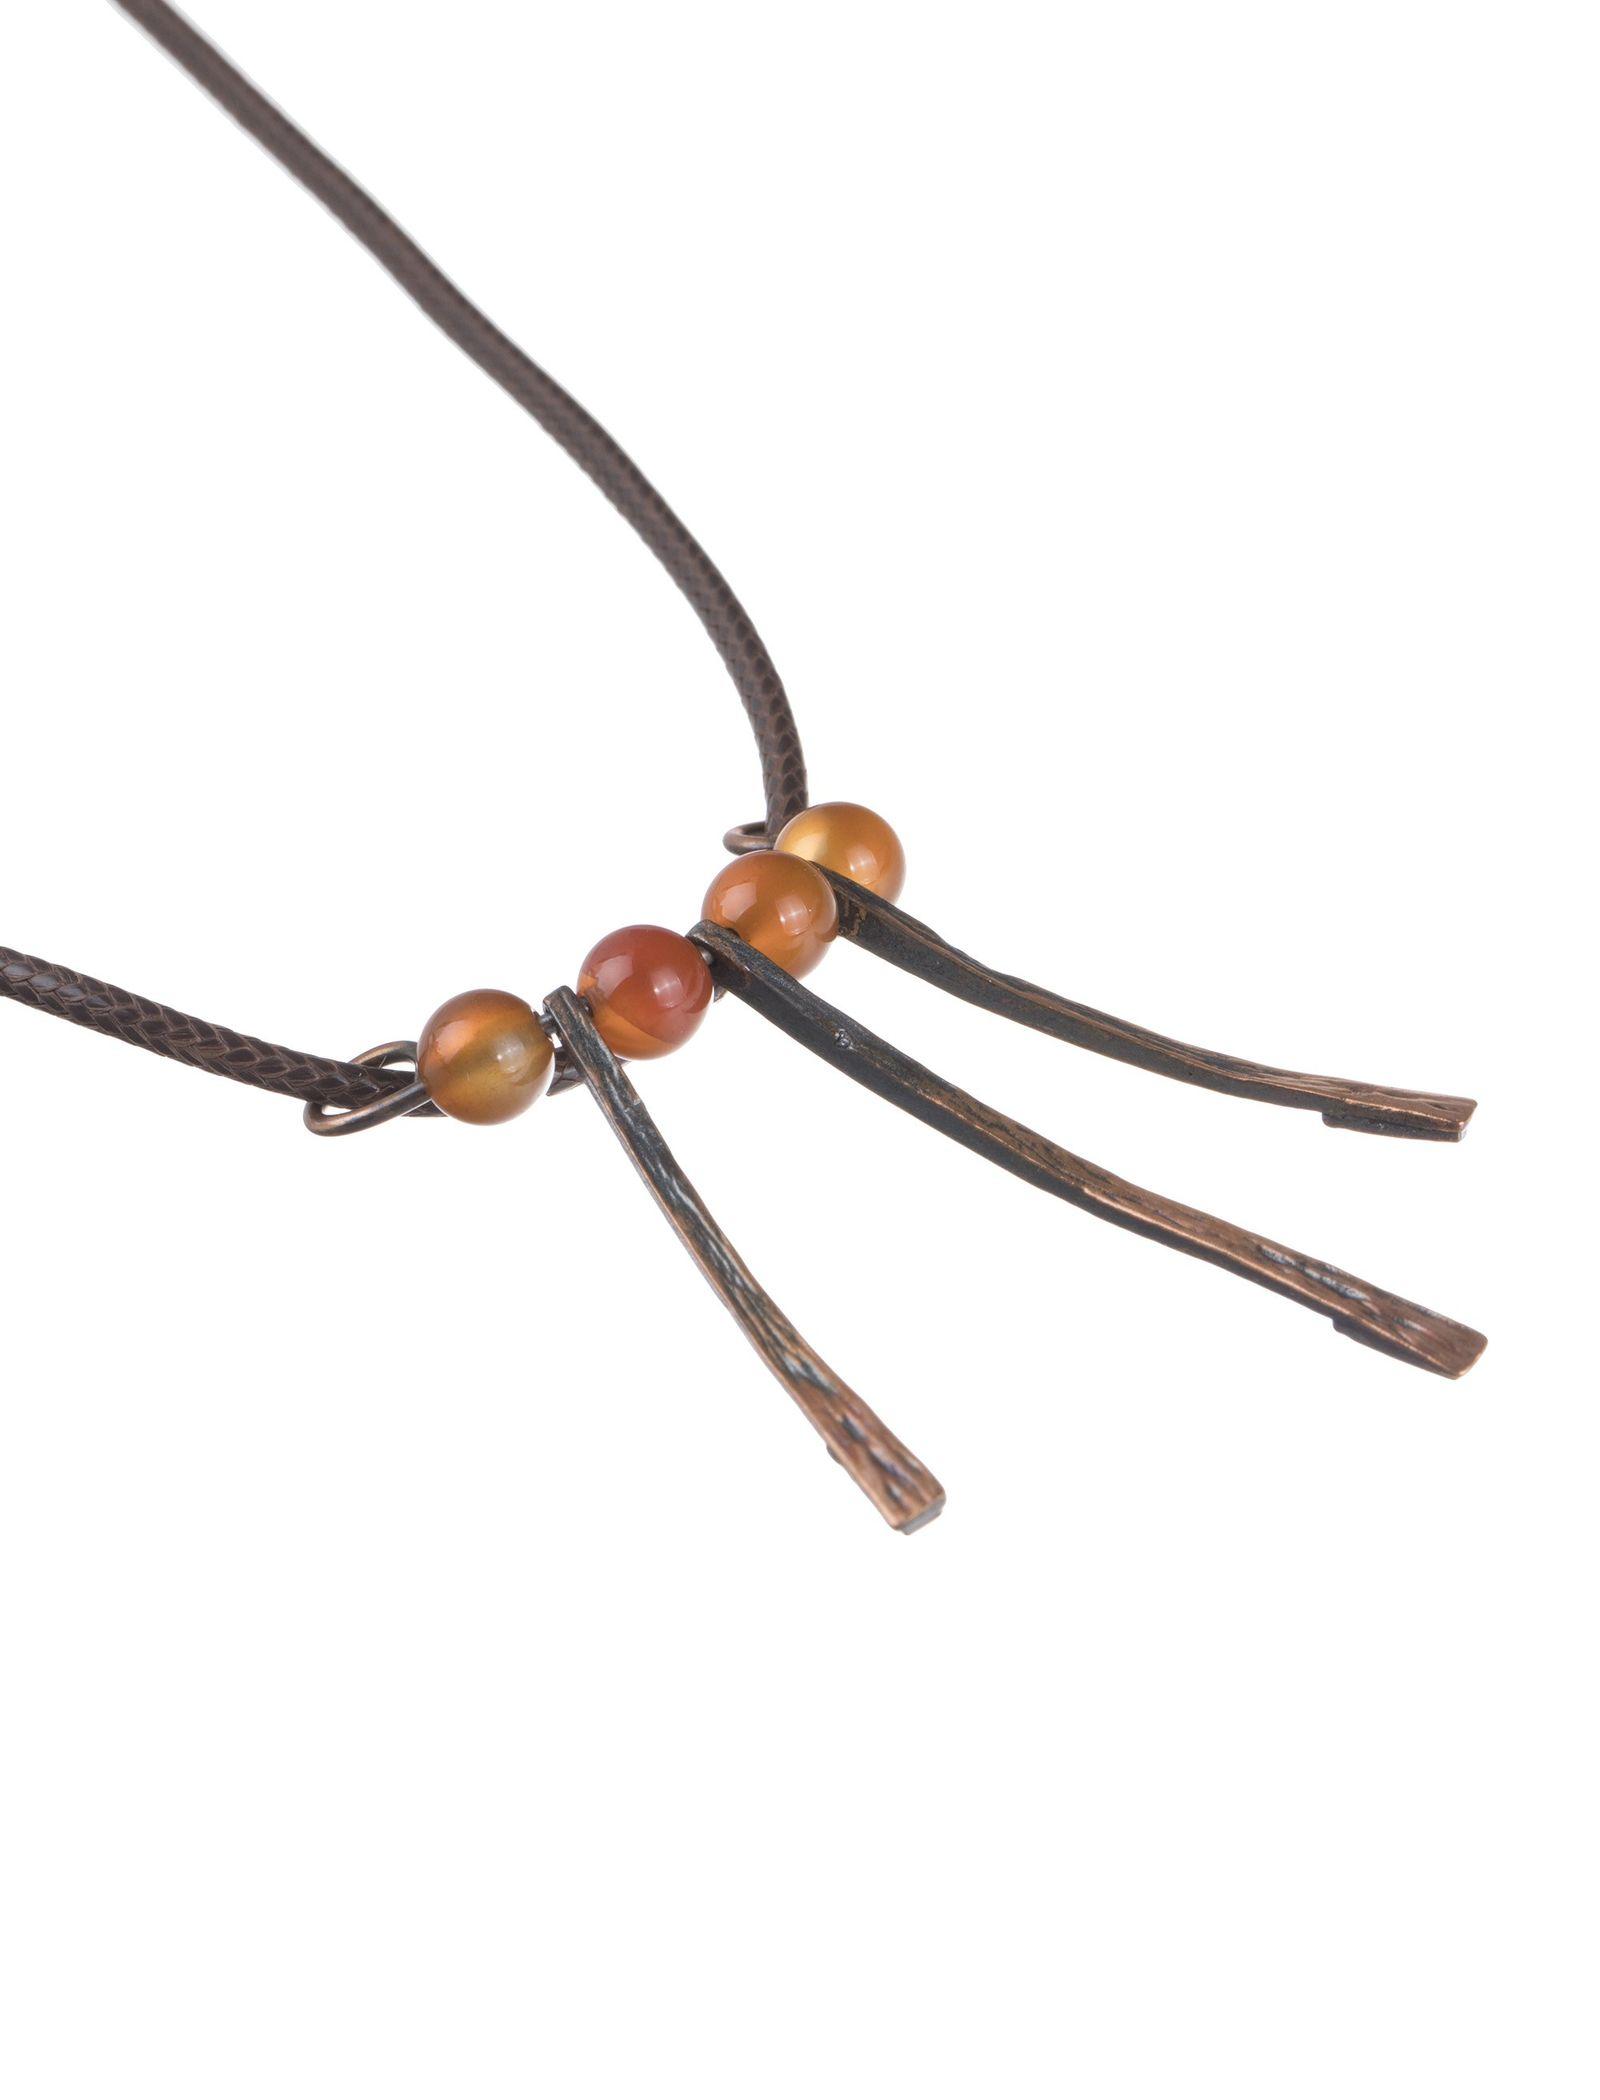 گردنبند آویز زنانه - زرمس تک سایز - قهوه اي - 2